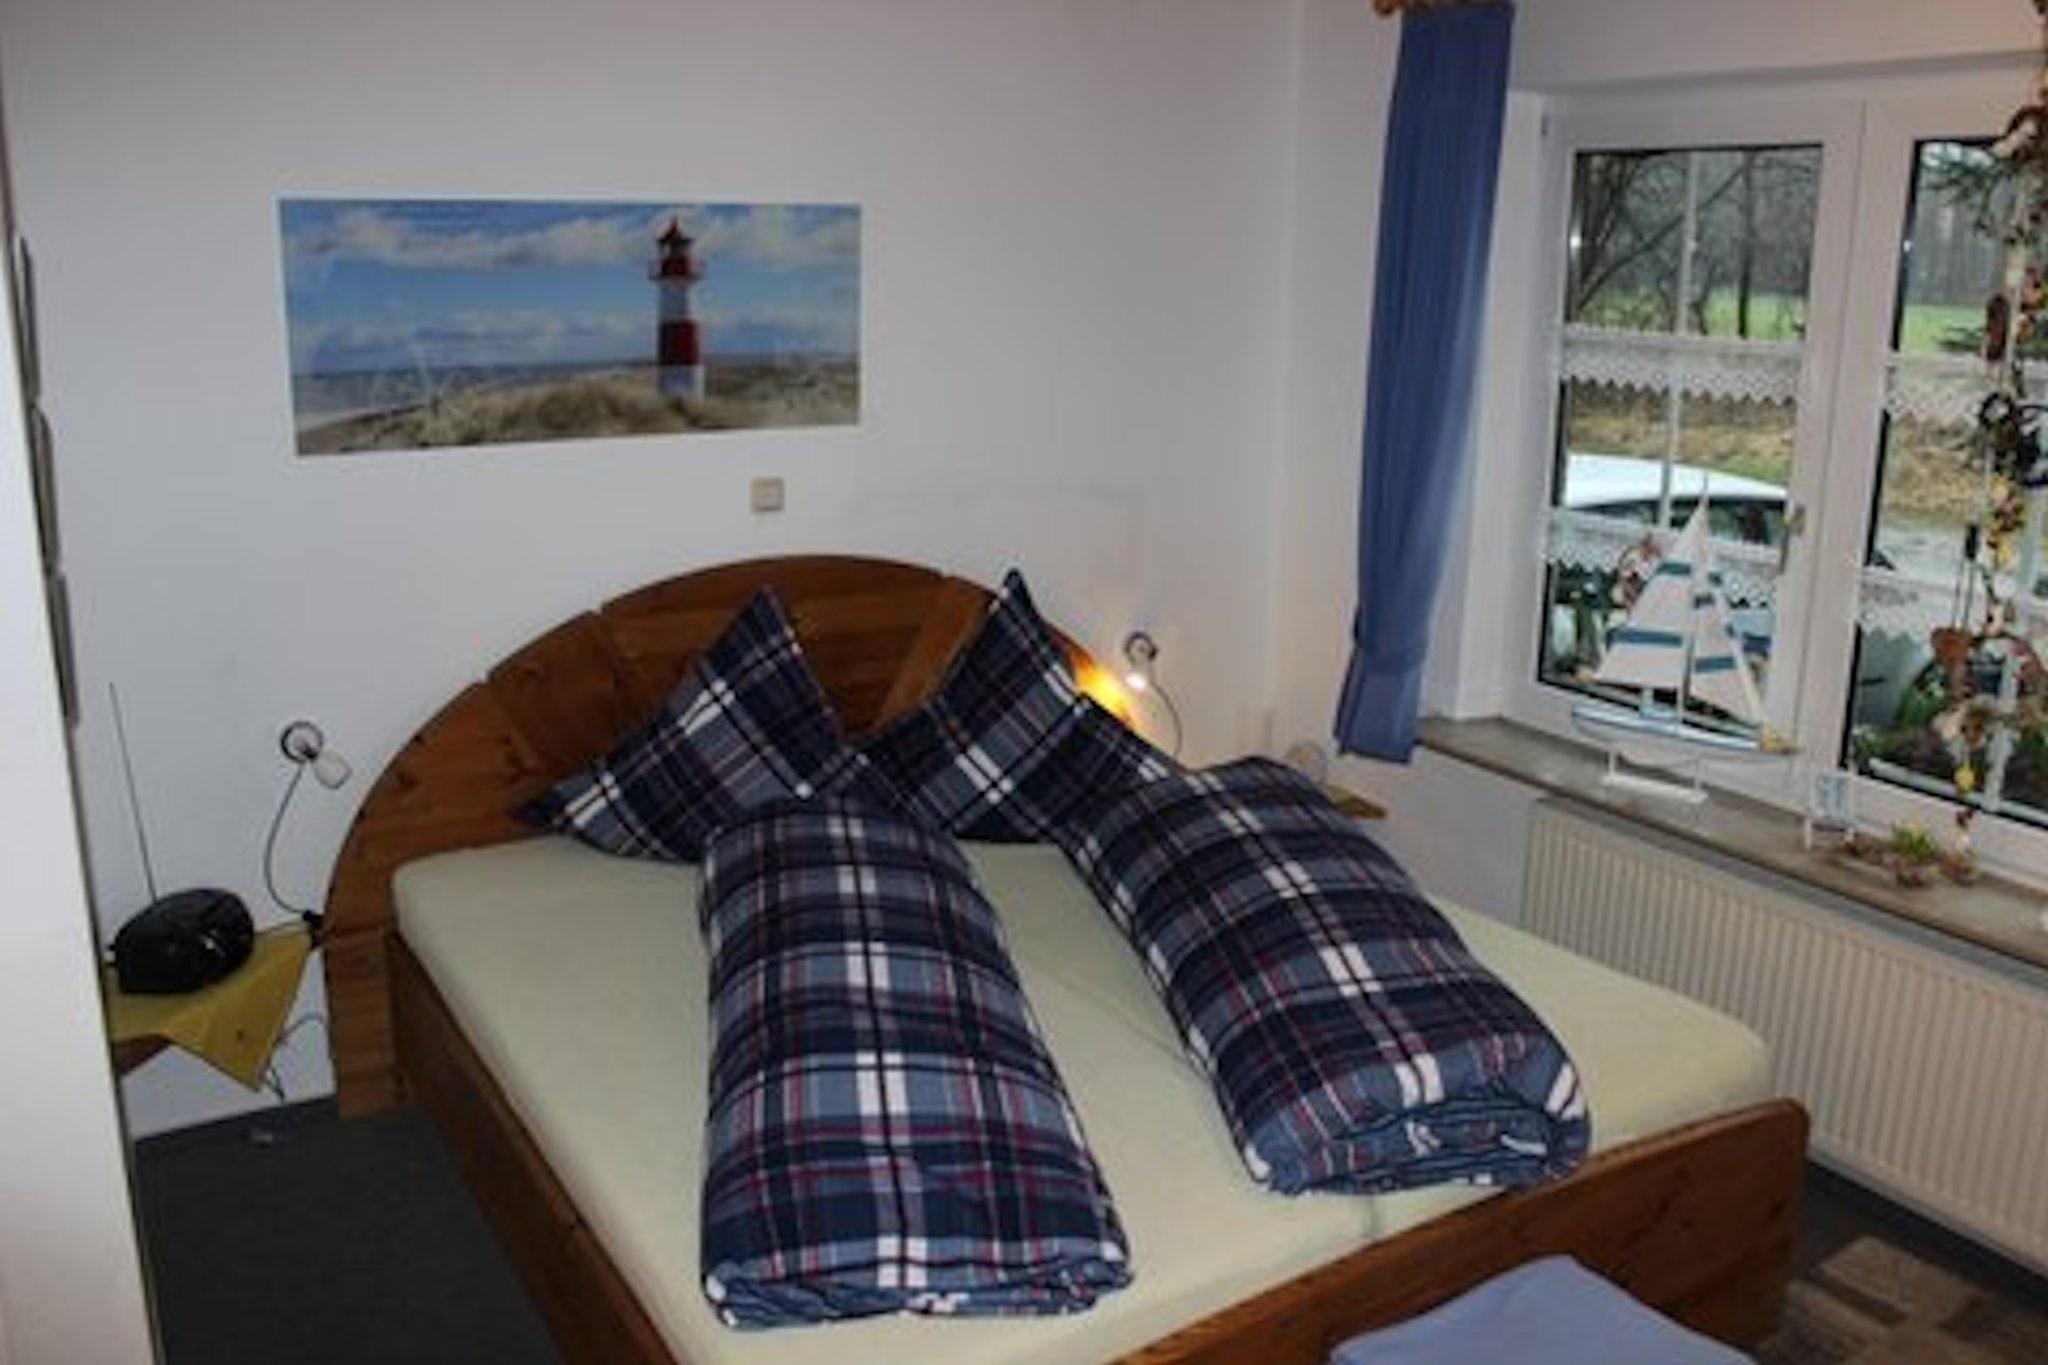 Jümme-Sitzplatz-Betten